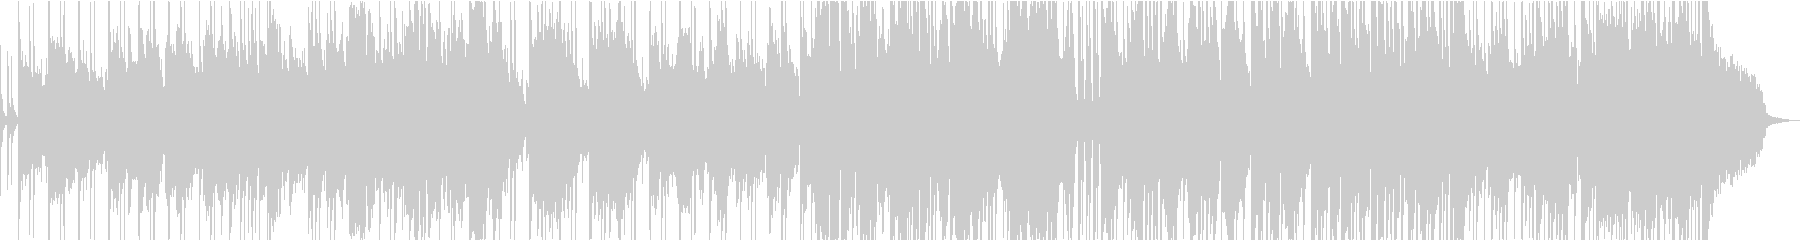 流れるようなテナーサックスメロディ...の未再生の波形